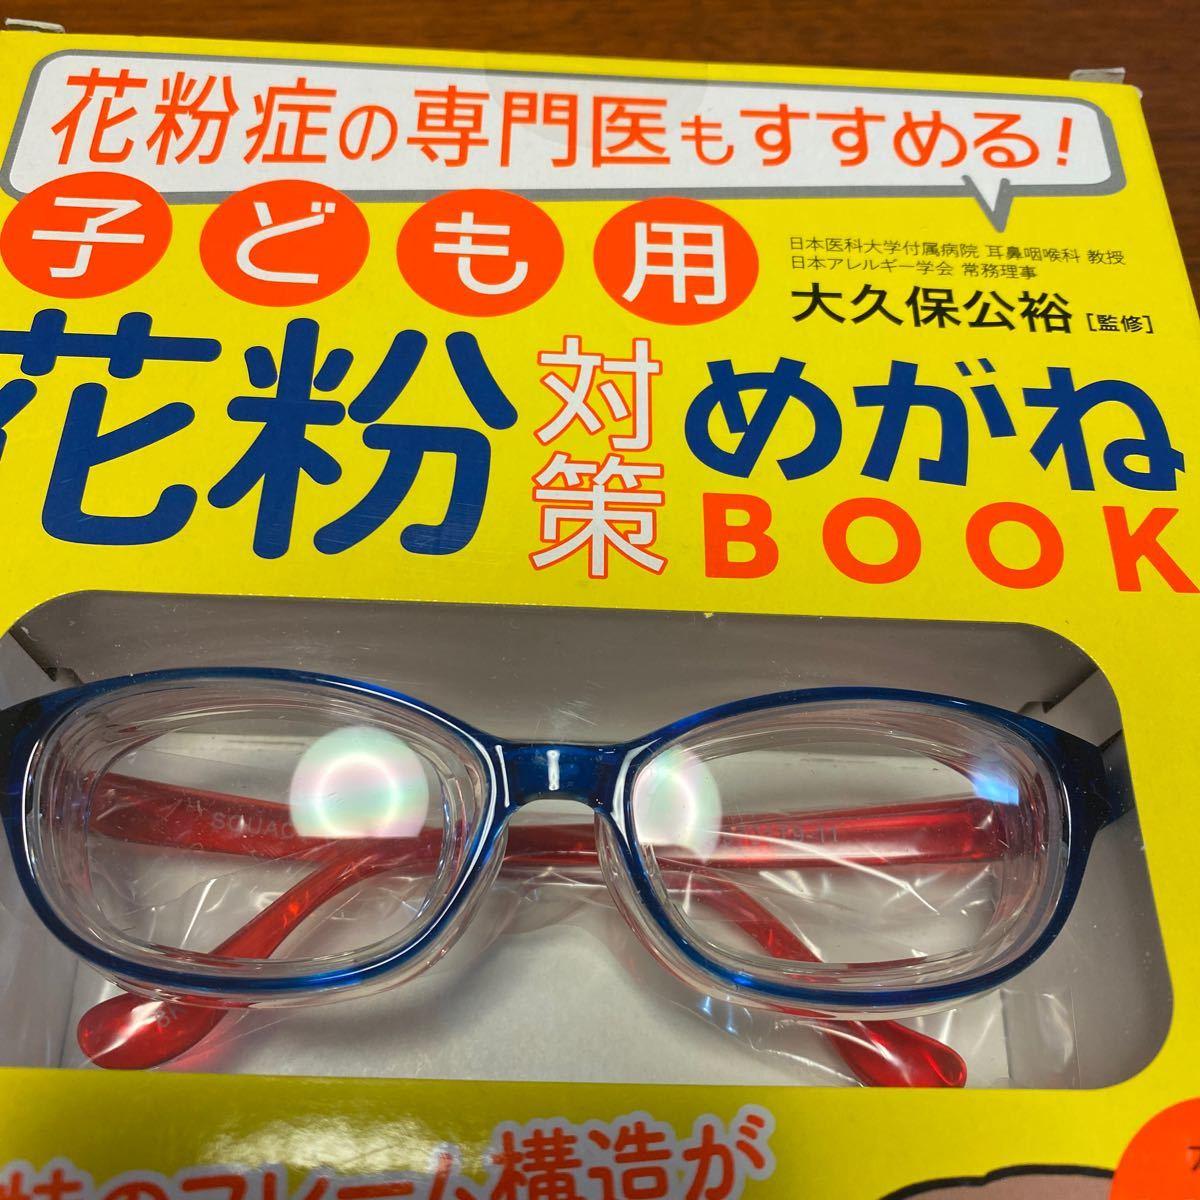 花粉症専門医もすすめる子ども用花粉対策めがねBOOK新品未開封外箱に傷有り_画像2